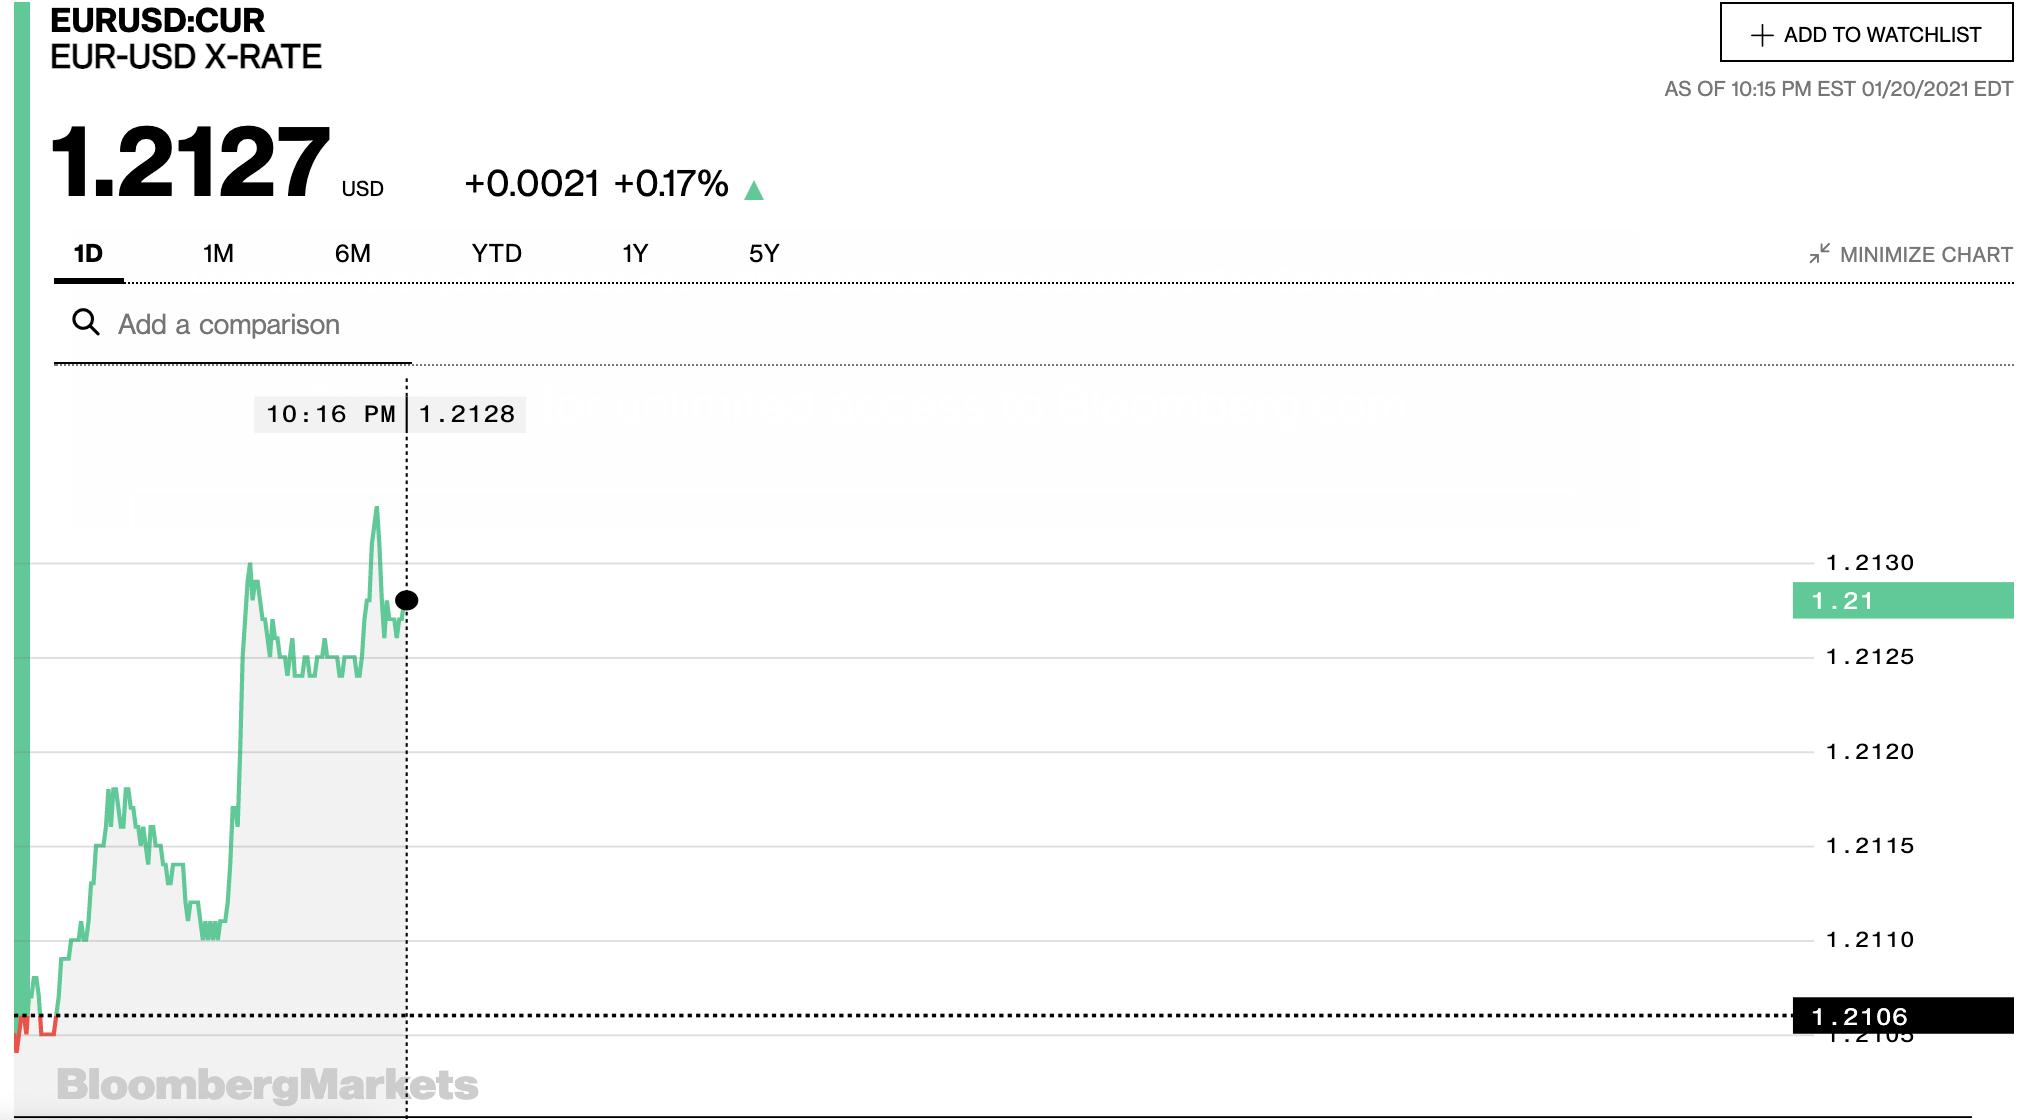 Tỷ giá euro hôm nay 21/1: Giảm đồng loạt tại các ngân hàng trong nước - Ảnh 2.